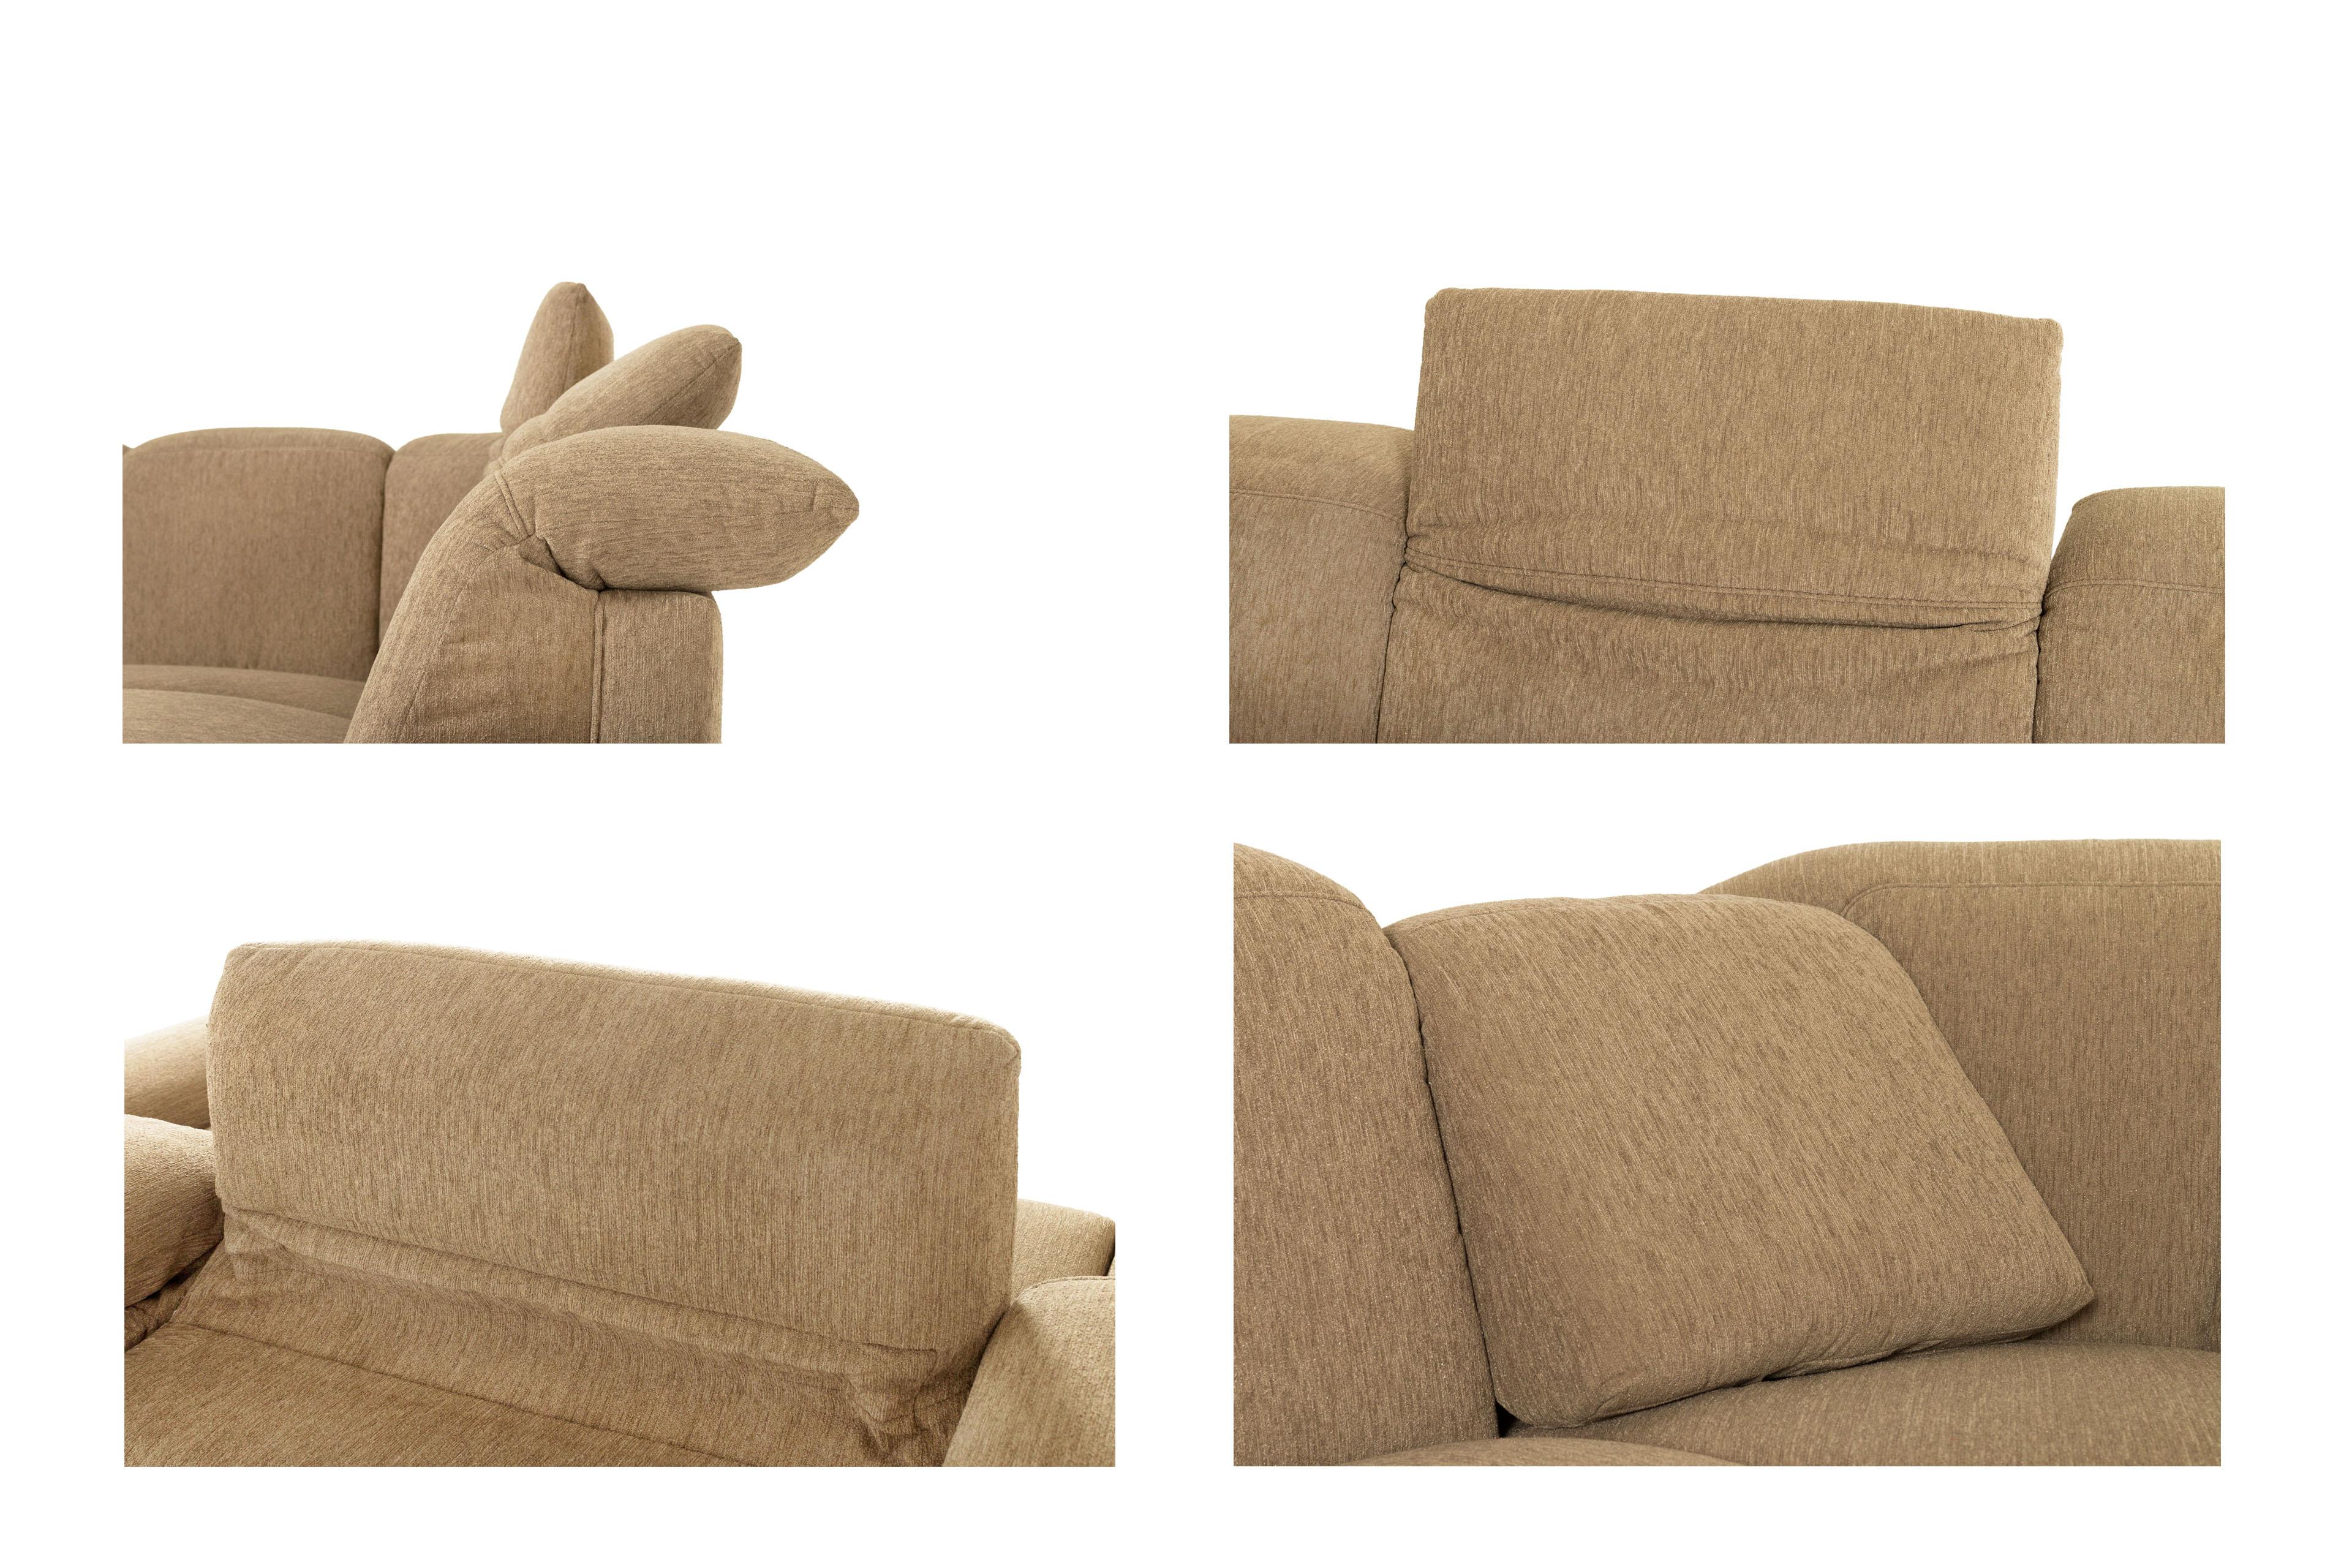 polstergarnitur hellbraun claude von casada m bel letz ihr online shop. Black Bedroom Furniture Sets. Home Design Ideas